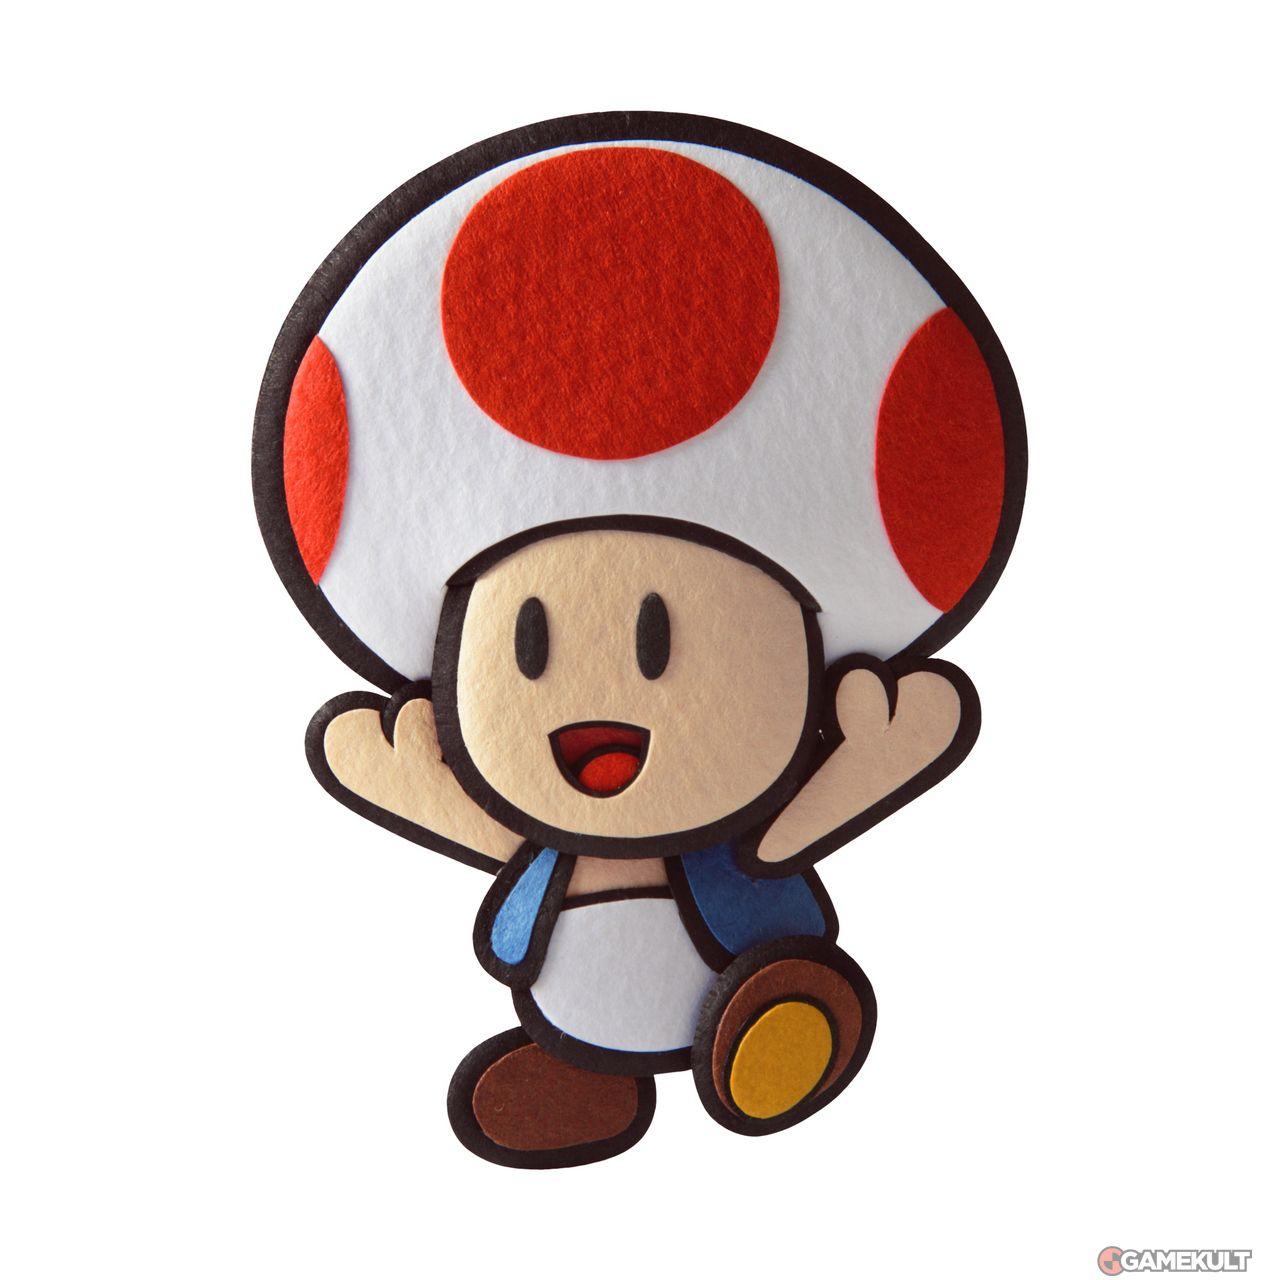 Toad 2d Recherche Google Mario Bros Dibujos Dibujos De Mario Decoracion De Mario Bros